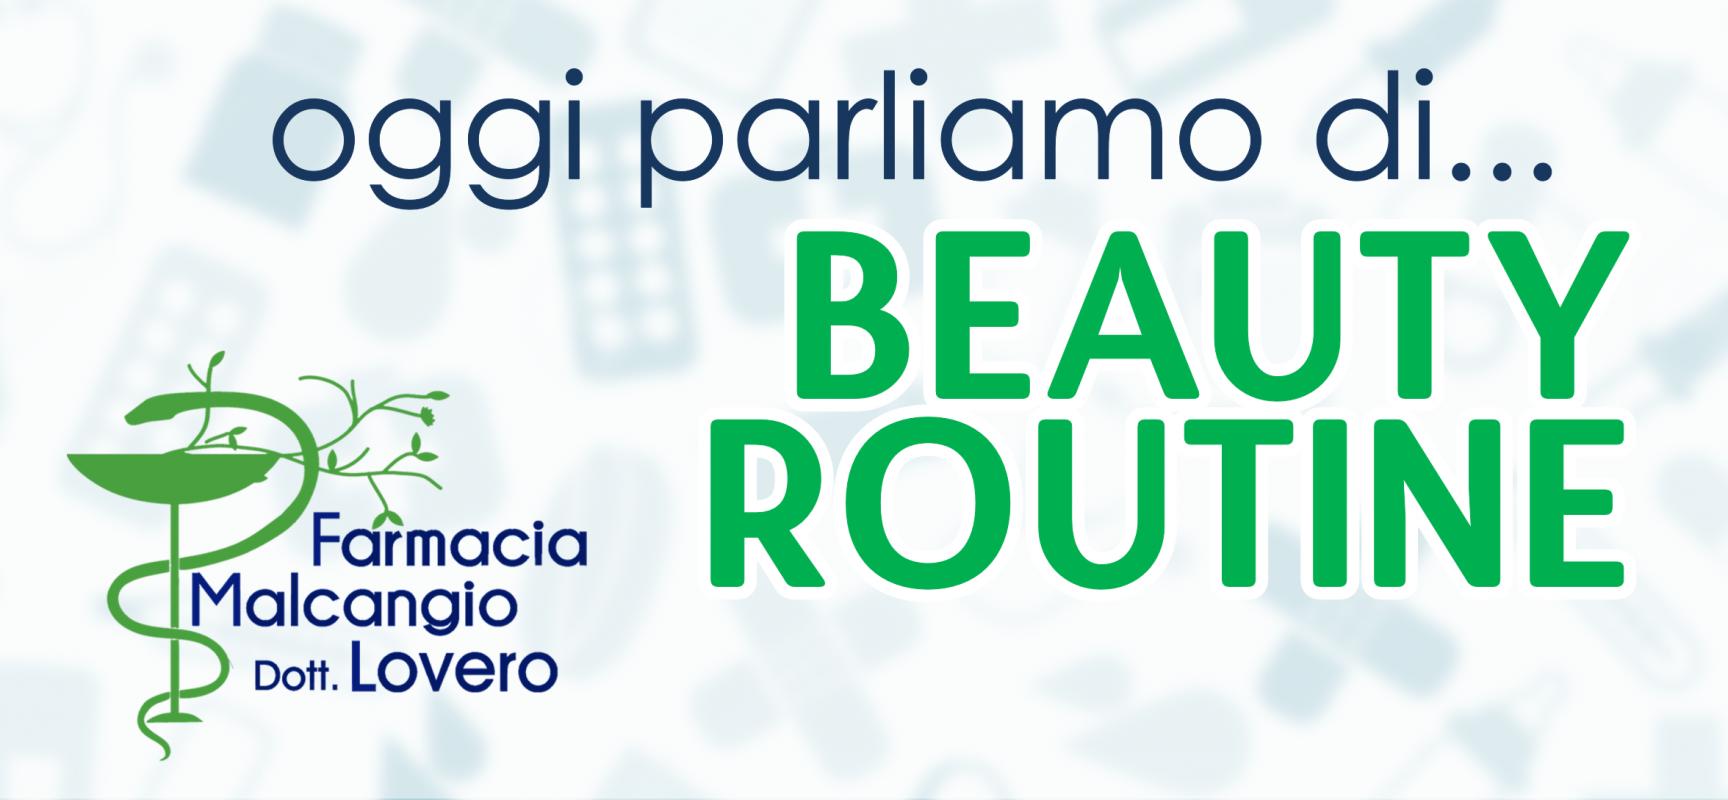 """""""Oggi parliamo di…"""" beauty routine, rubrica a cura di Farmacia Malcangio"""